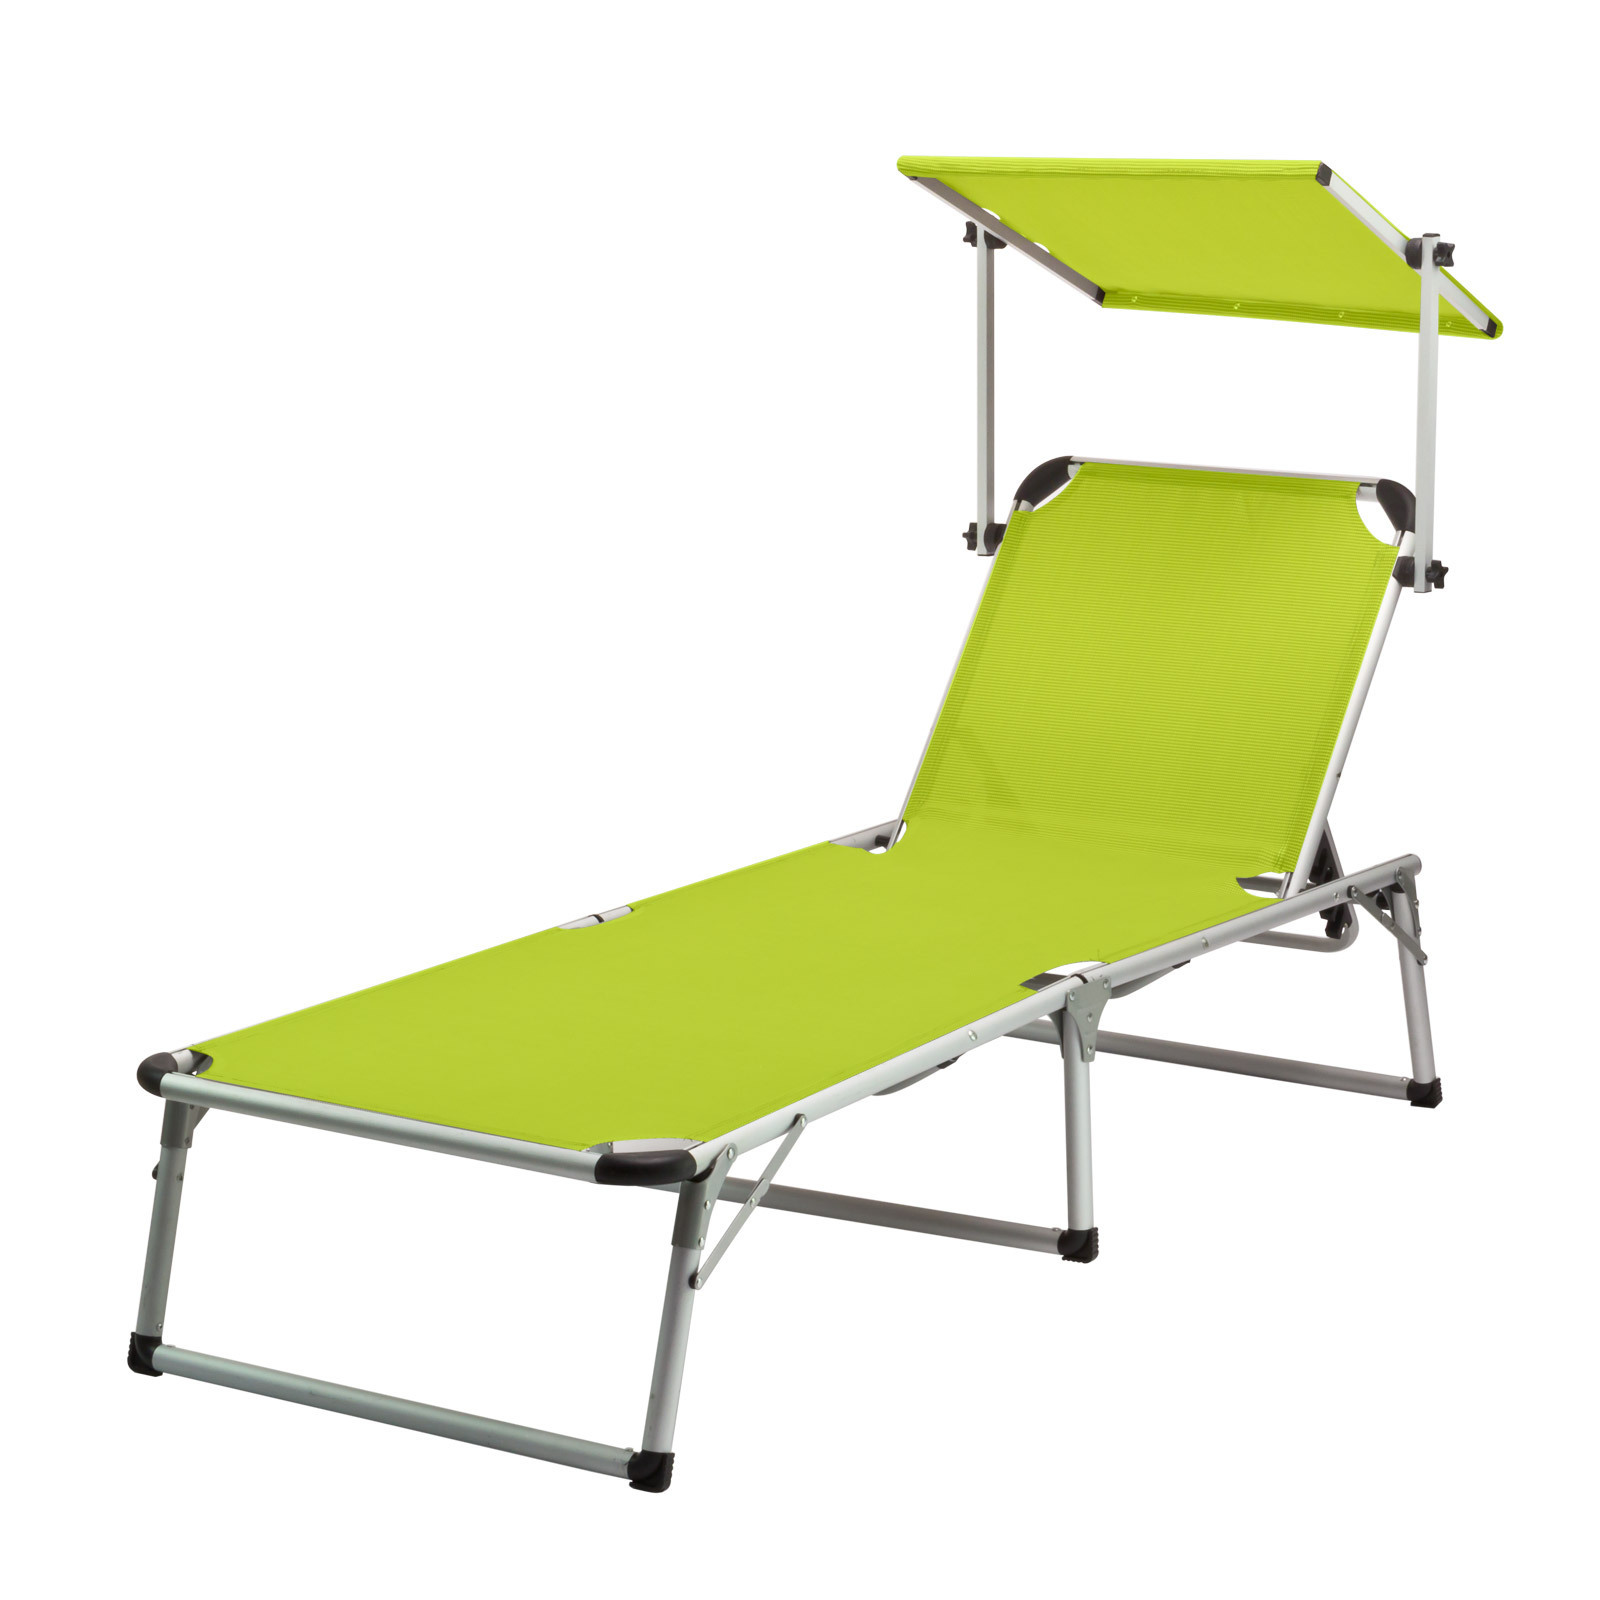 alu gartenliege sonnenliege strandliege liegestuhl liege mit sonnendach limette 4031765940719 ebay. Black Bedroom Furniture Sets. Home Design Ideas